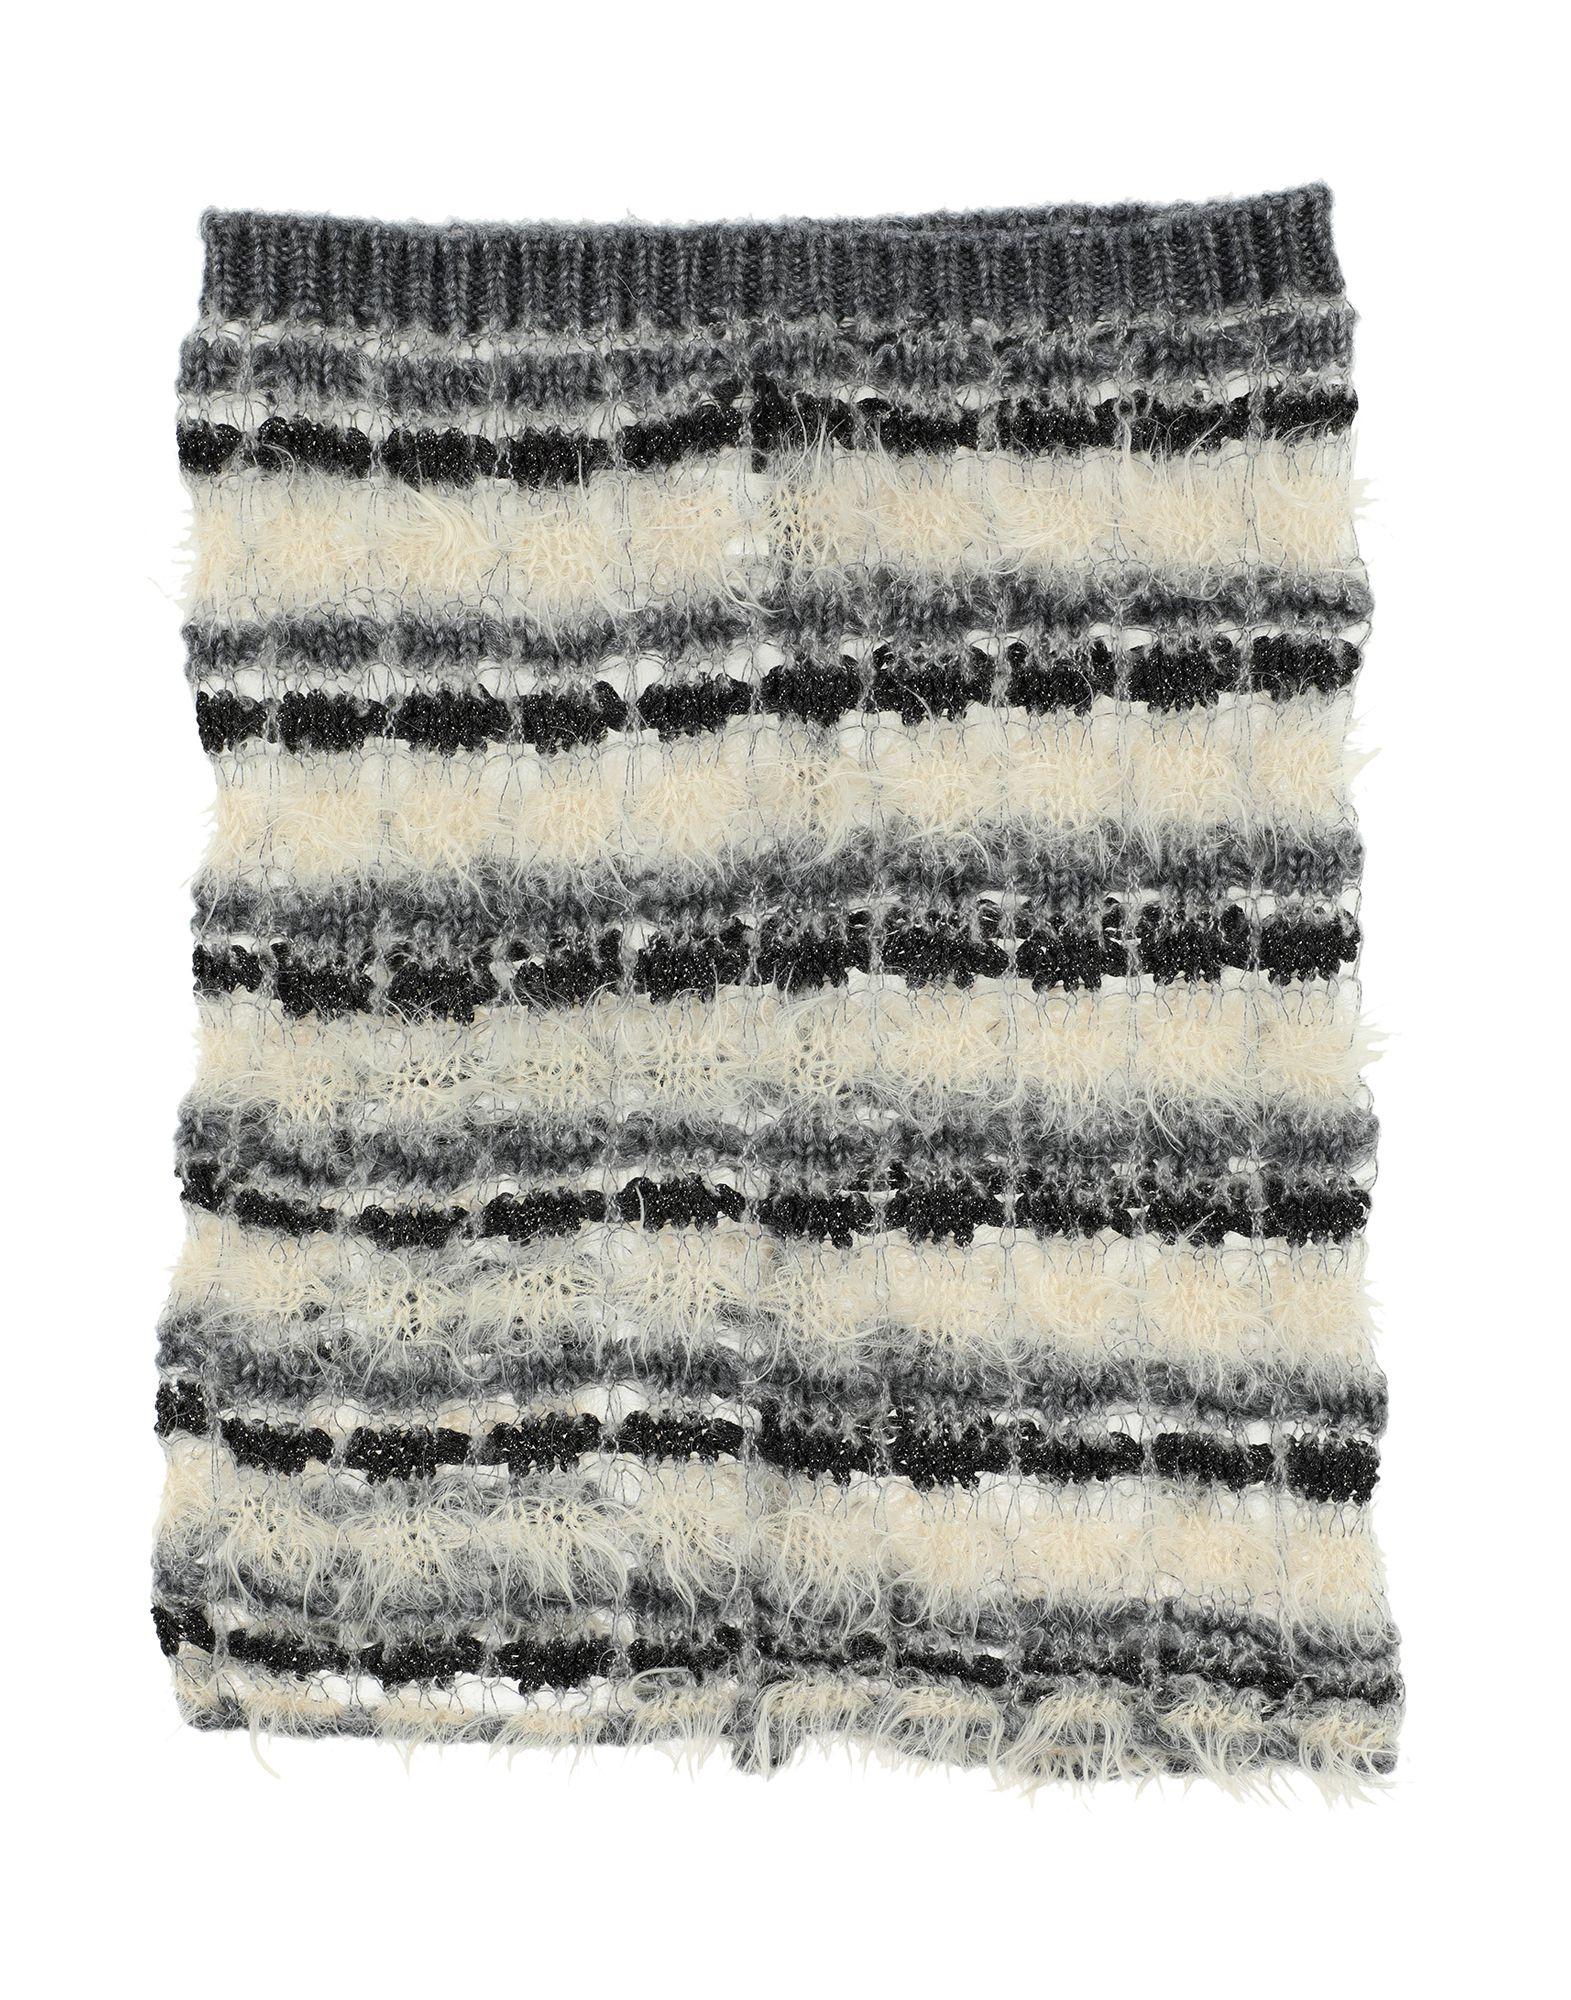 SISTE' S Воротник siste s свитер